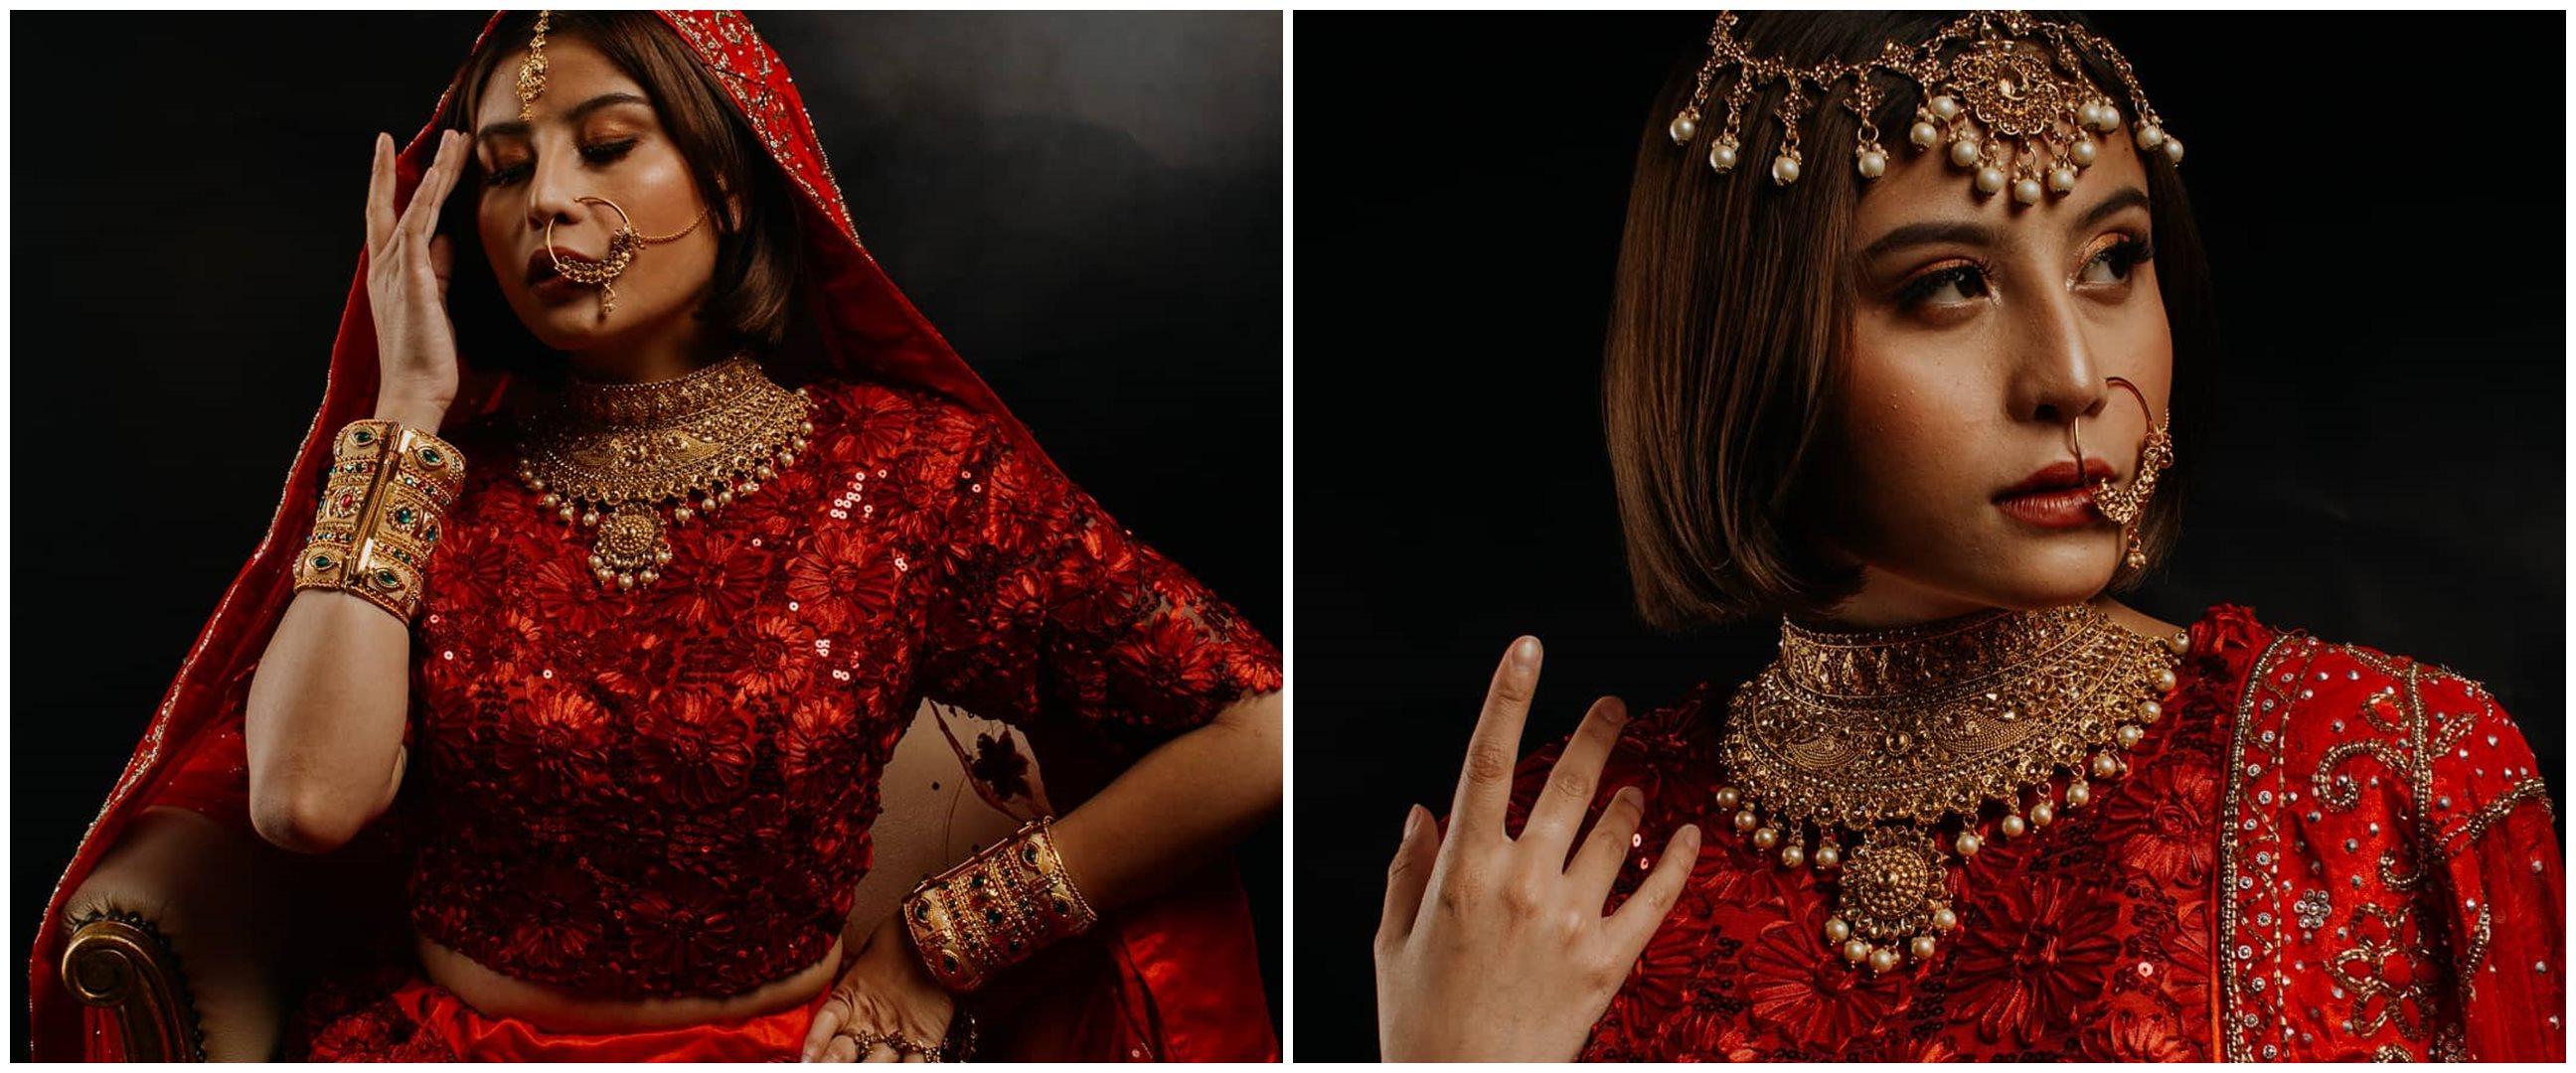 8 Potret Awkarin dalam balutan sari, bak seleb Bollywood